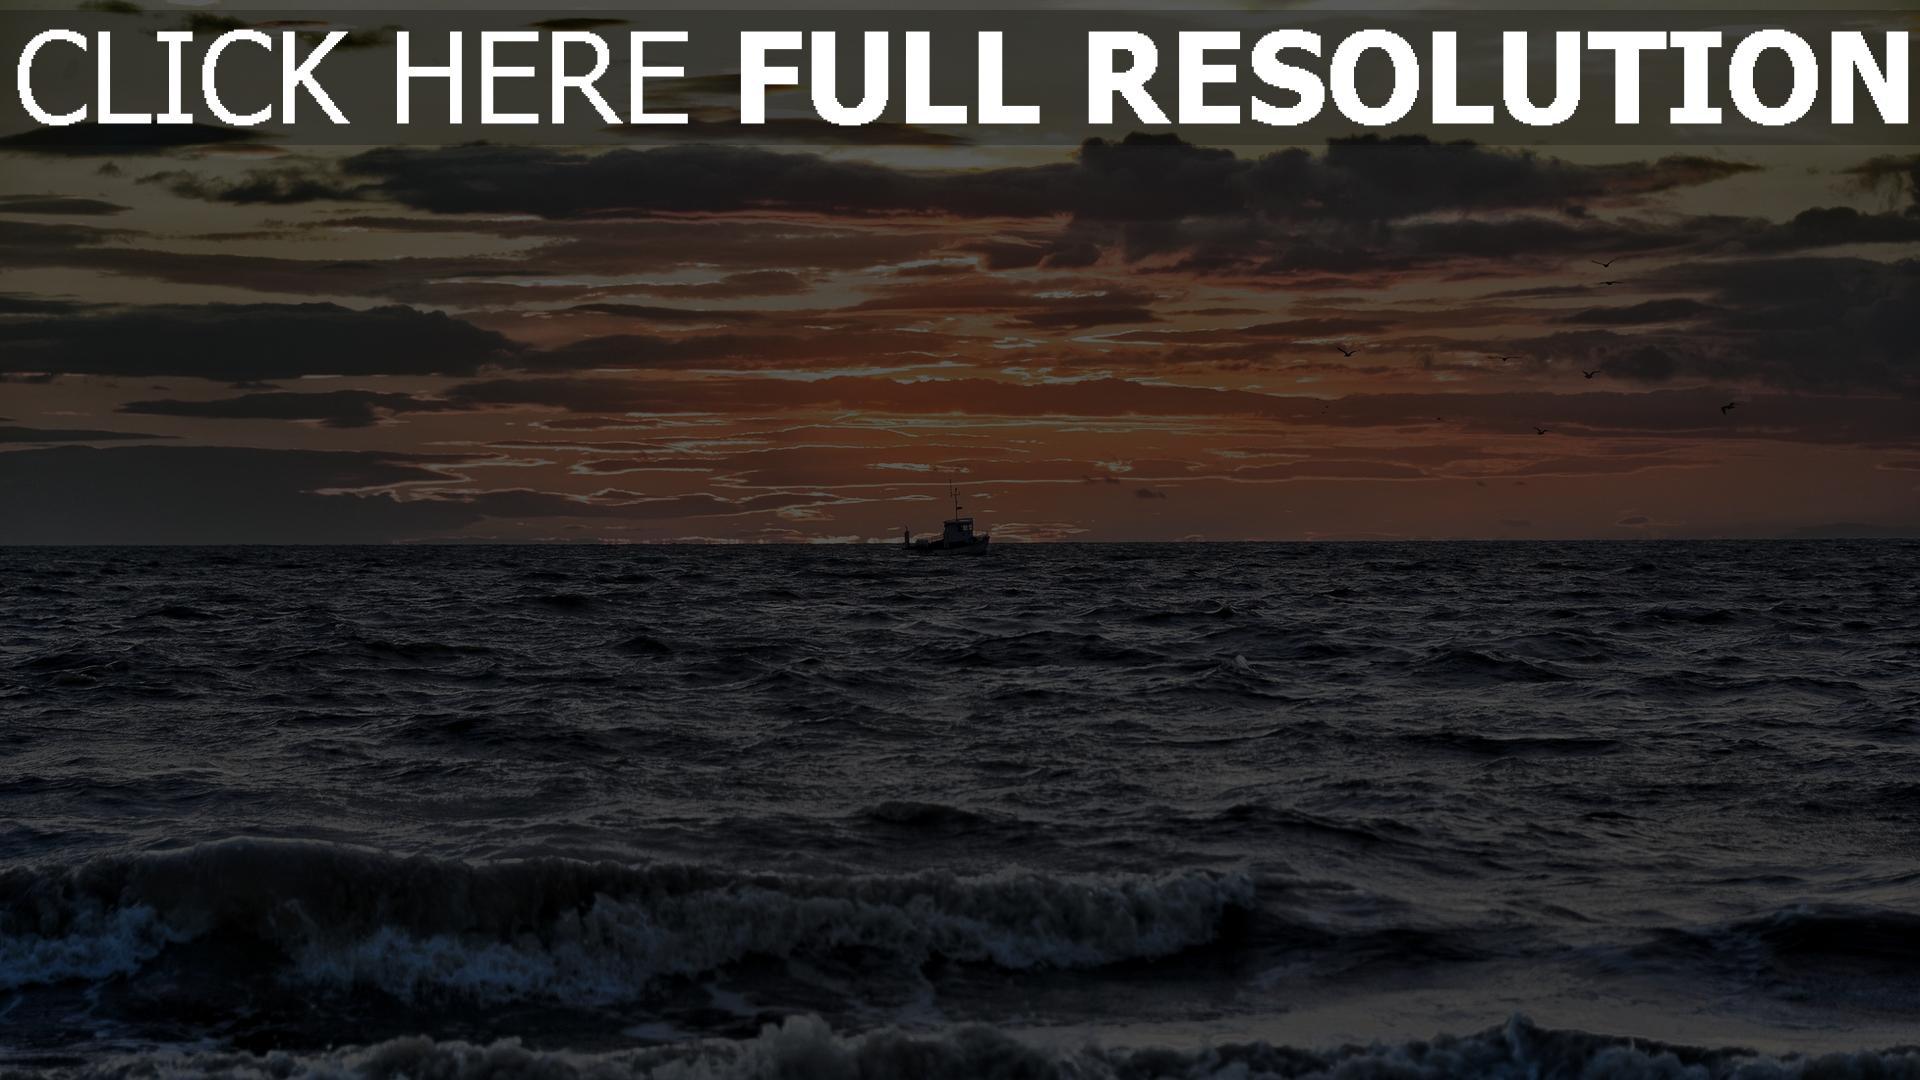 hd hintergrundbilder meer sonne wolken purpurner glut schiff wellen 1920x1080